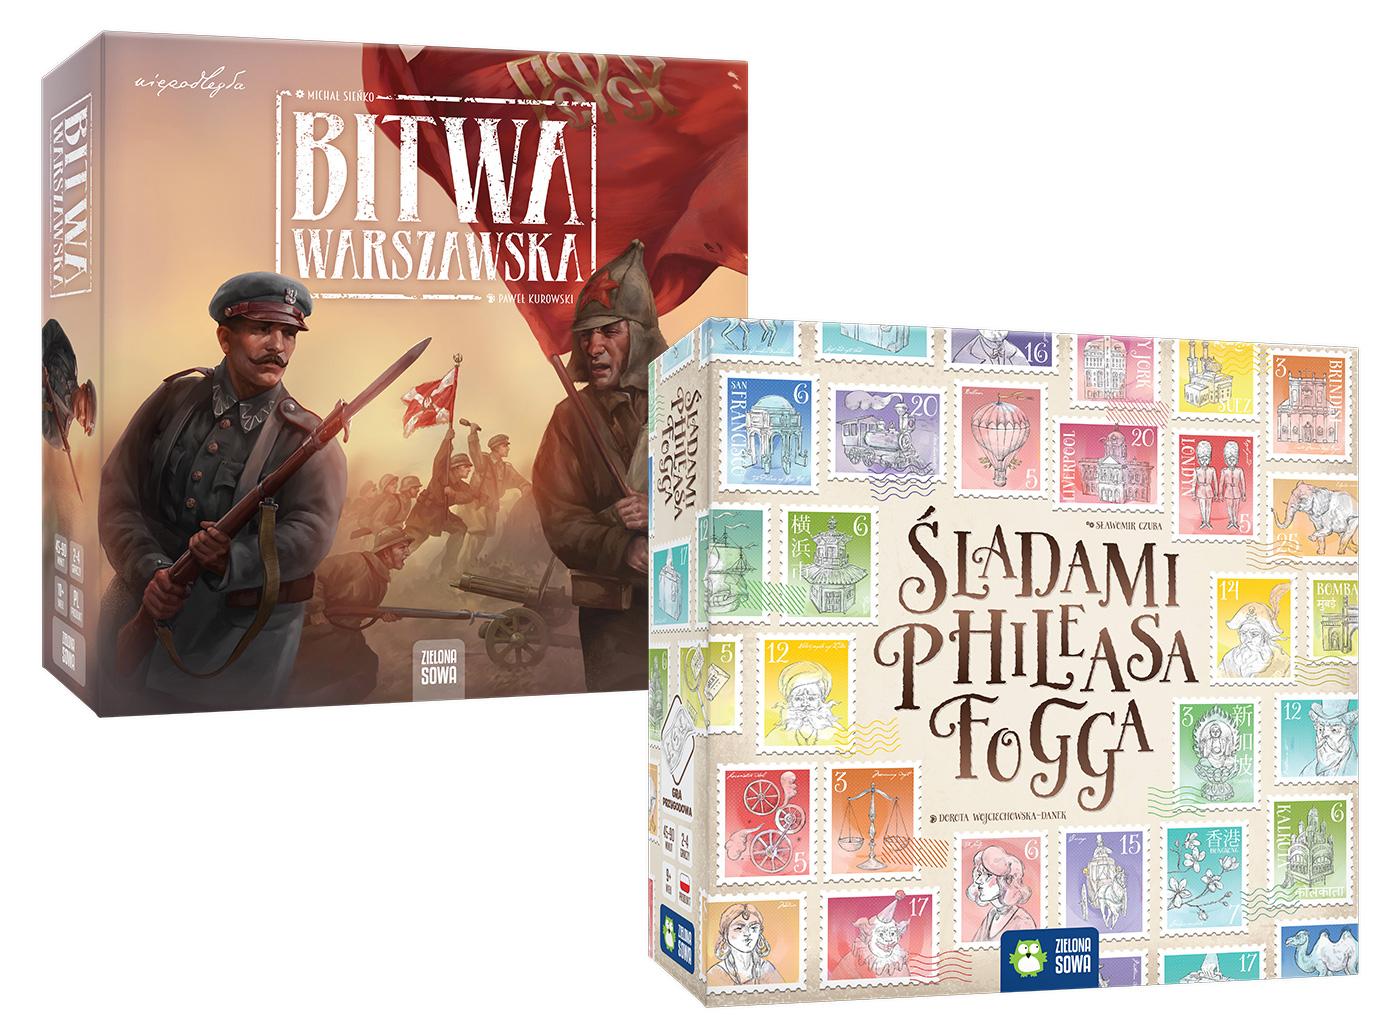 Pakiet dwóch gier Bitwa Warszawska i Śladami Phileasa Fogga